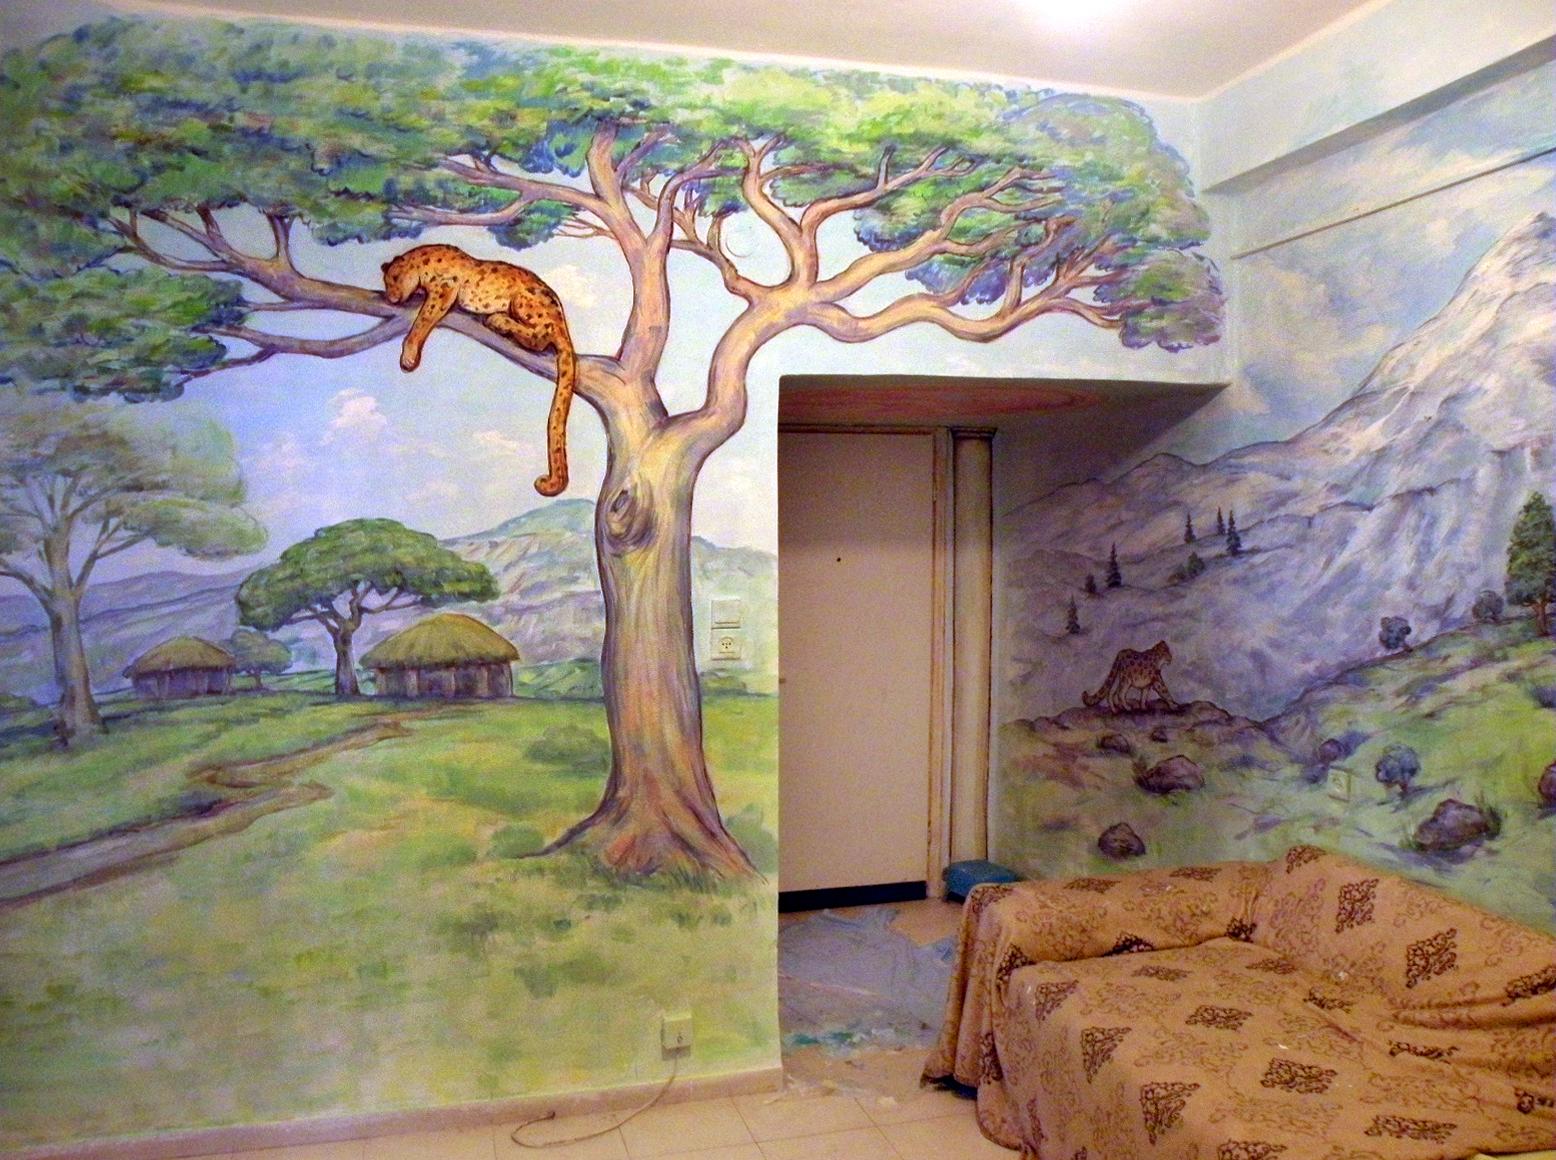 ציור קיר של נמר על העץ